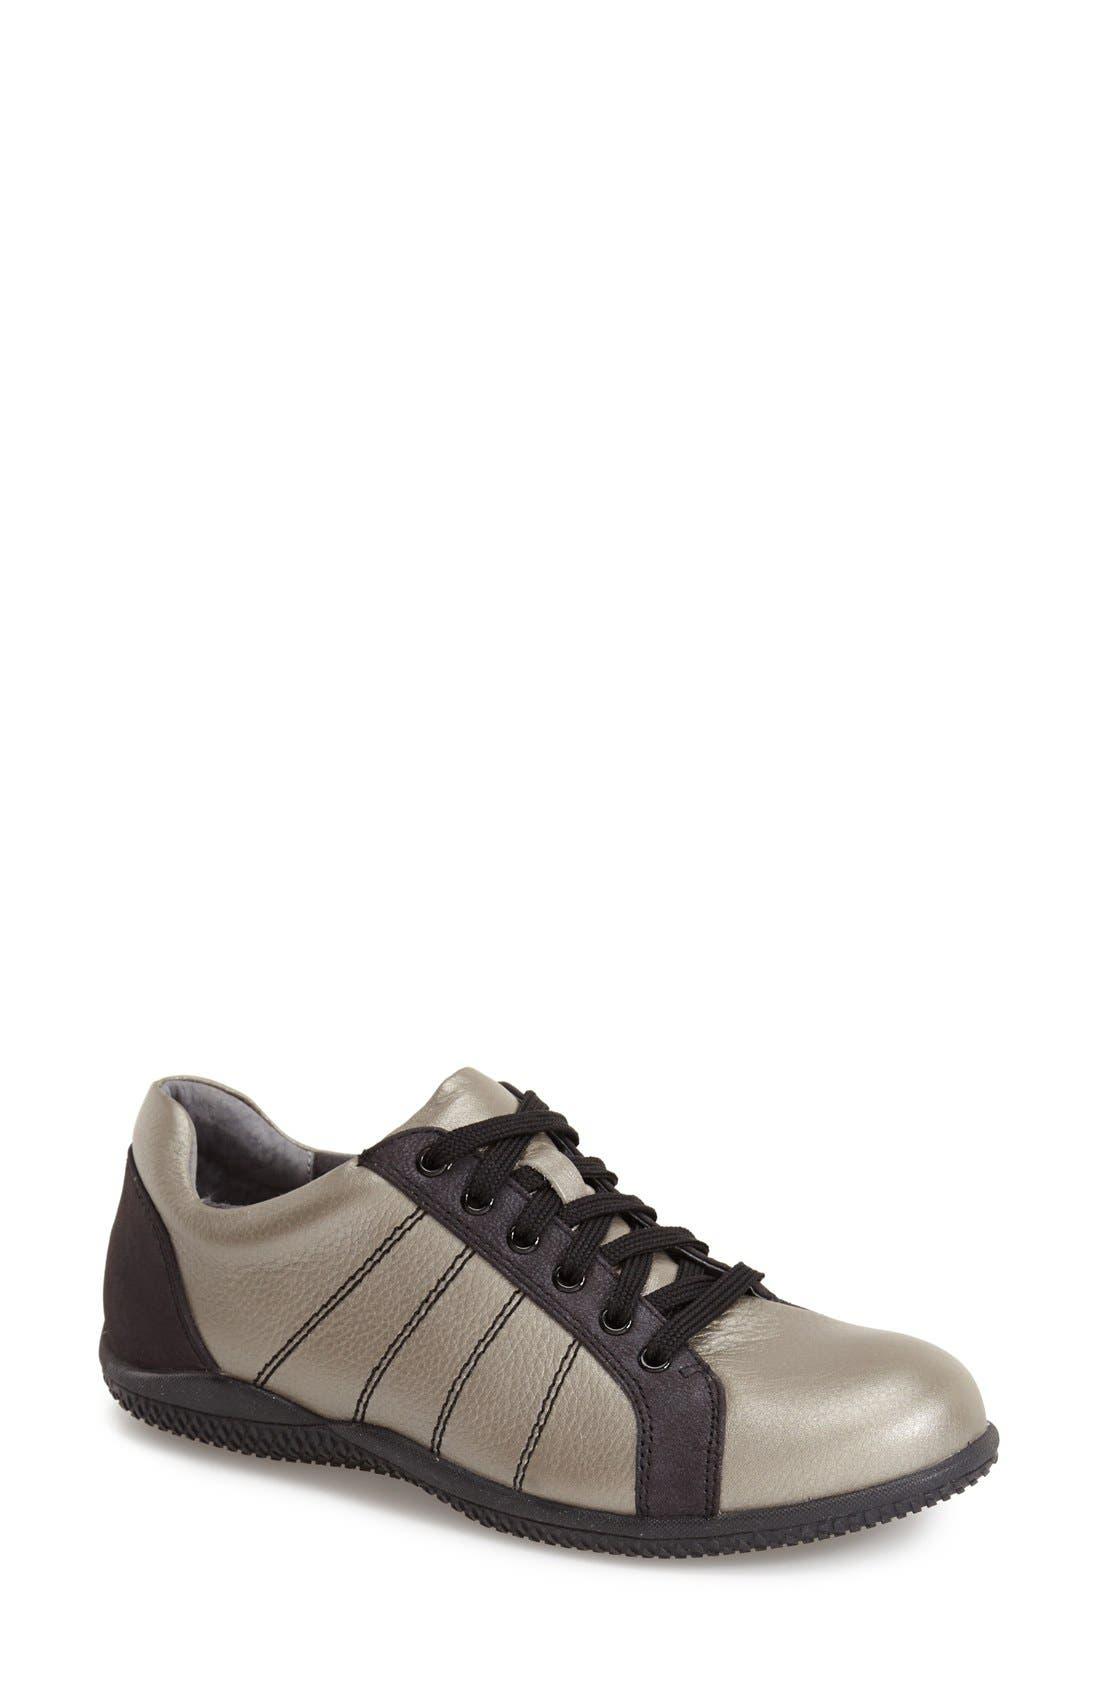 'Hickory' Sneaker,                             Main thumbnail 1, color,                             Silverwash